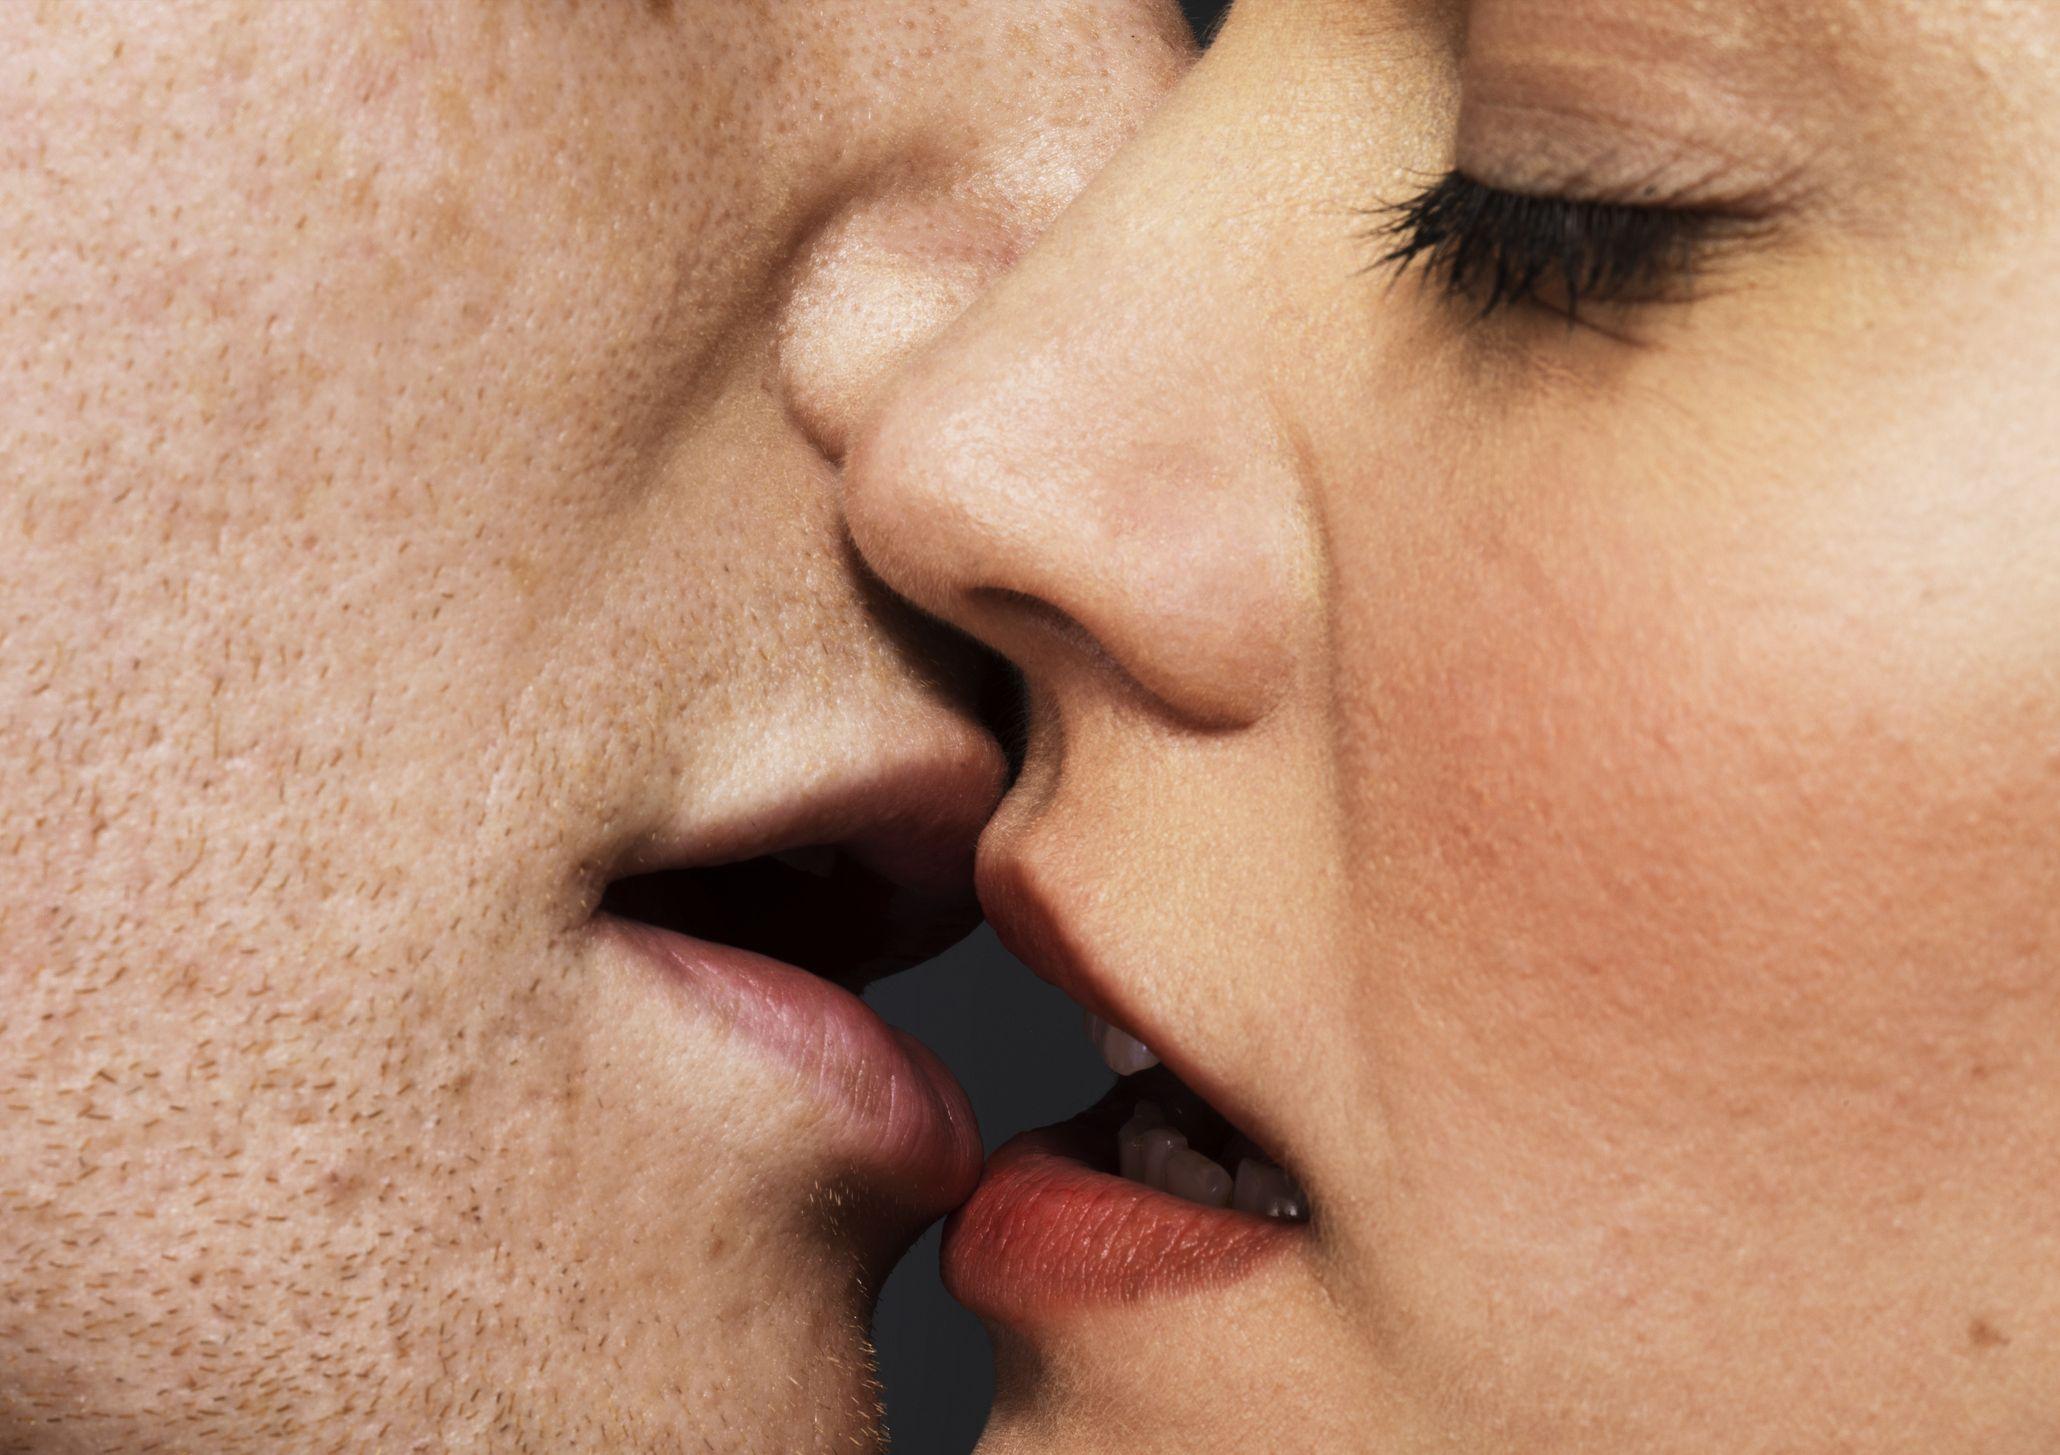 Sărutul mai periculos decât fumatul. Crește riscul de cancer oral și de gât - Doctorul zilei